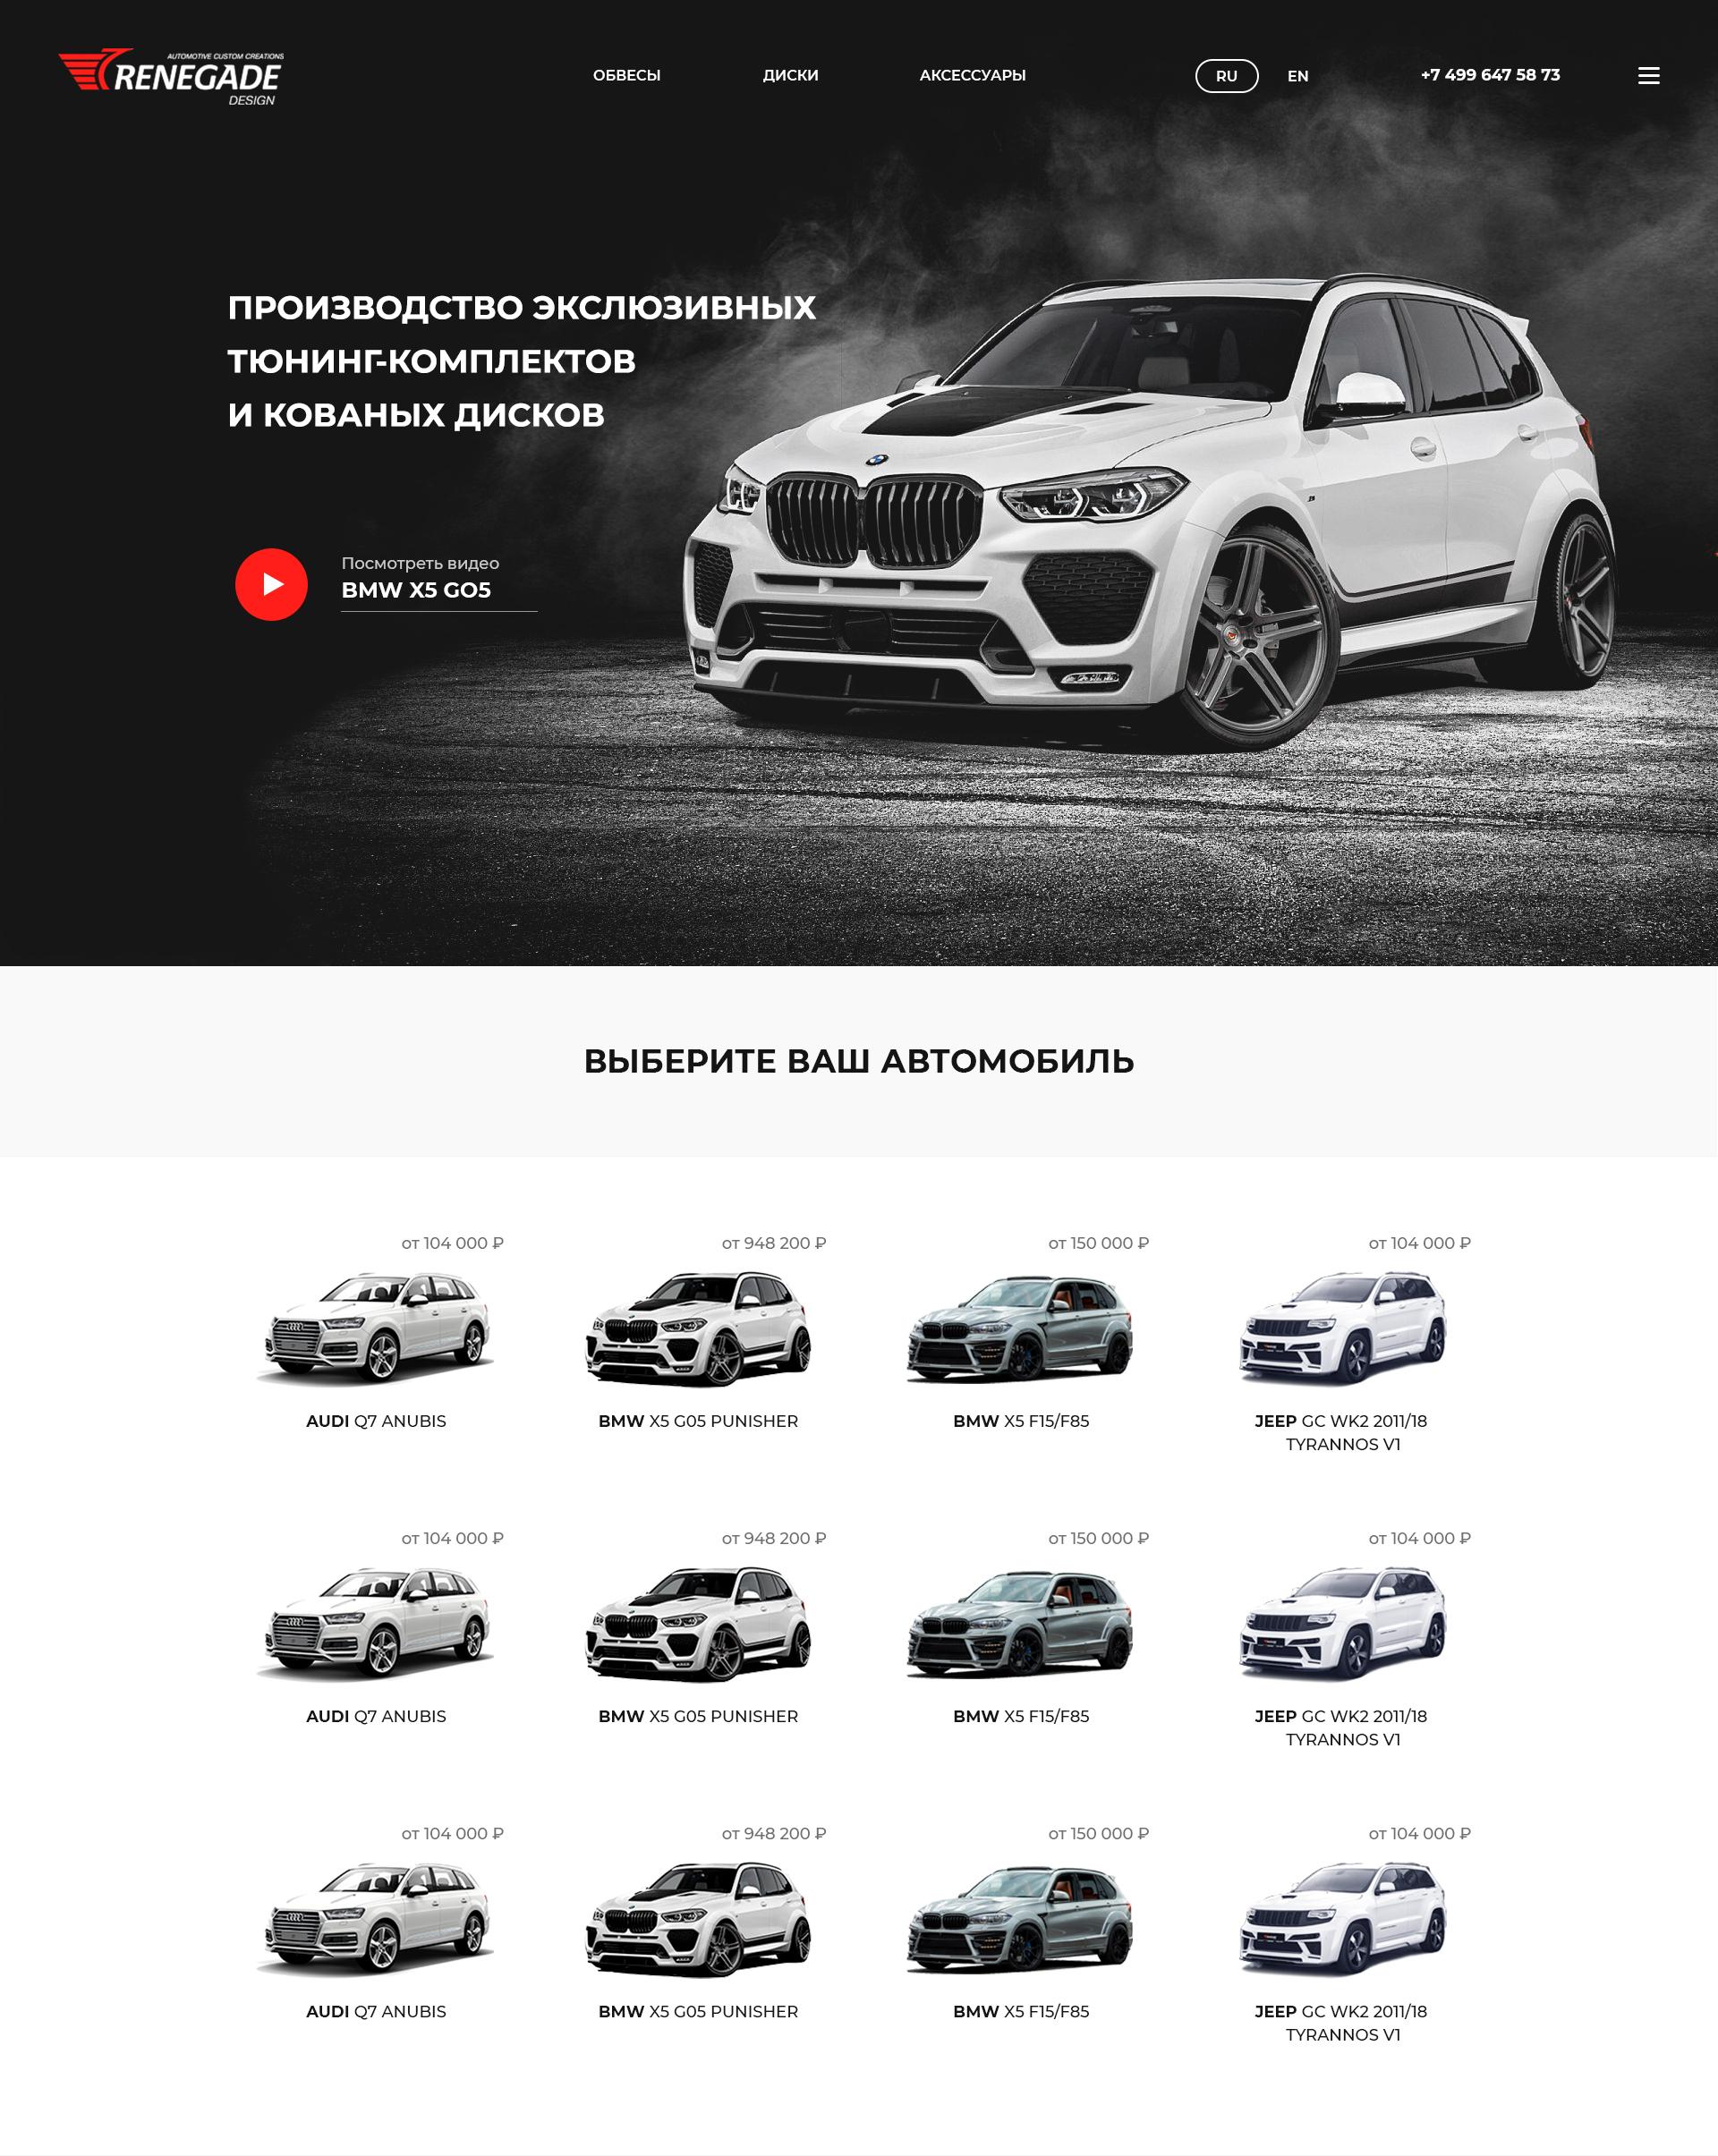 Разработка дизайна сайта «Renegade Design» фото f_6725d5571ebc6007.jpg